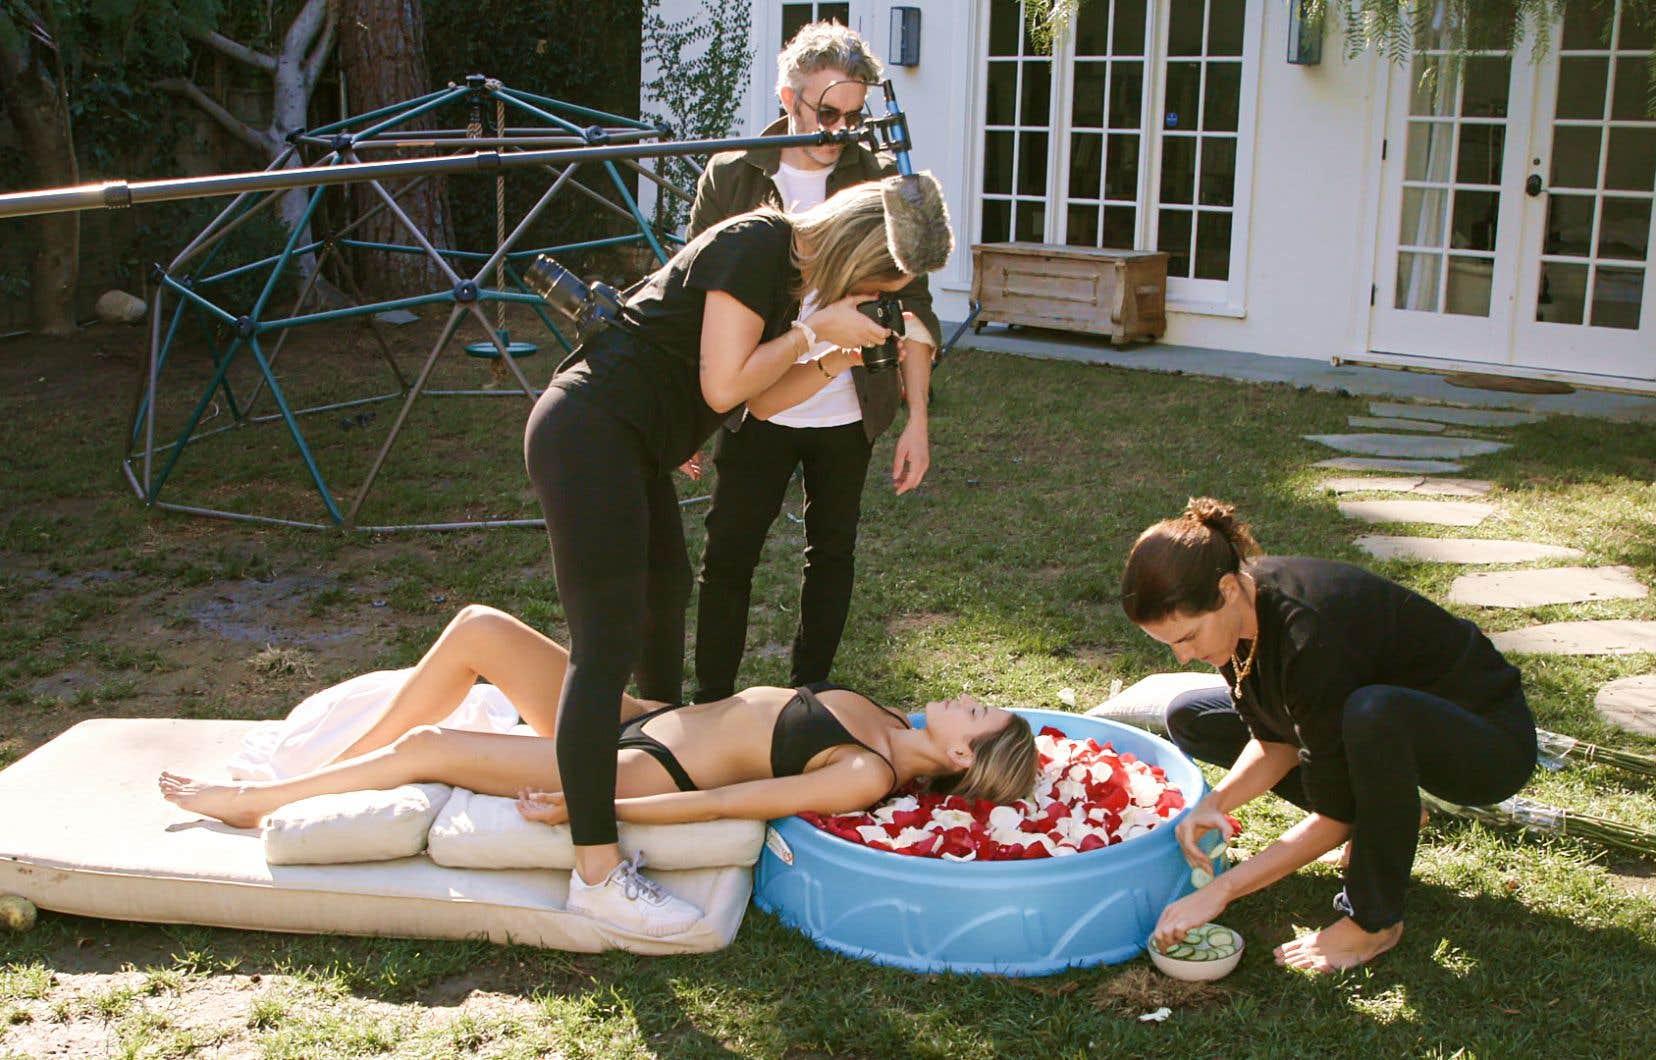 Une scène de «Fake Famous» avec le réalisateur Nick Bilton (derrière) et un des faux sujets aspirant à la gloire sur Instagram, en pleine séance photo sur un vieux matelas et une piscine pour enfants.